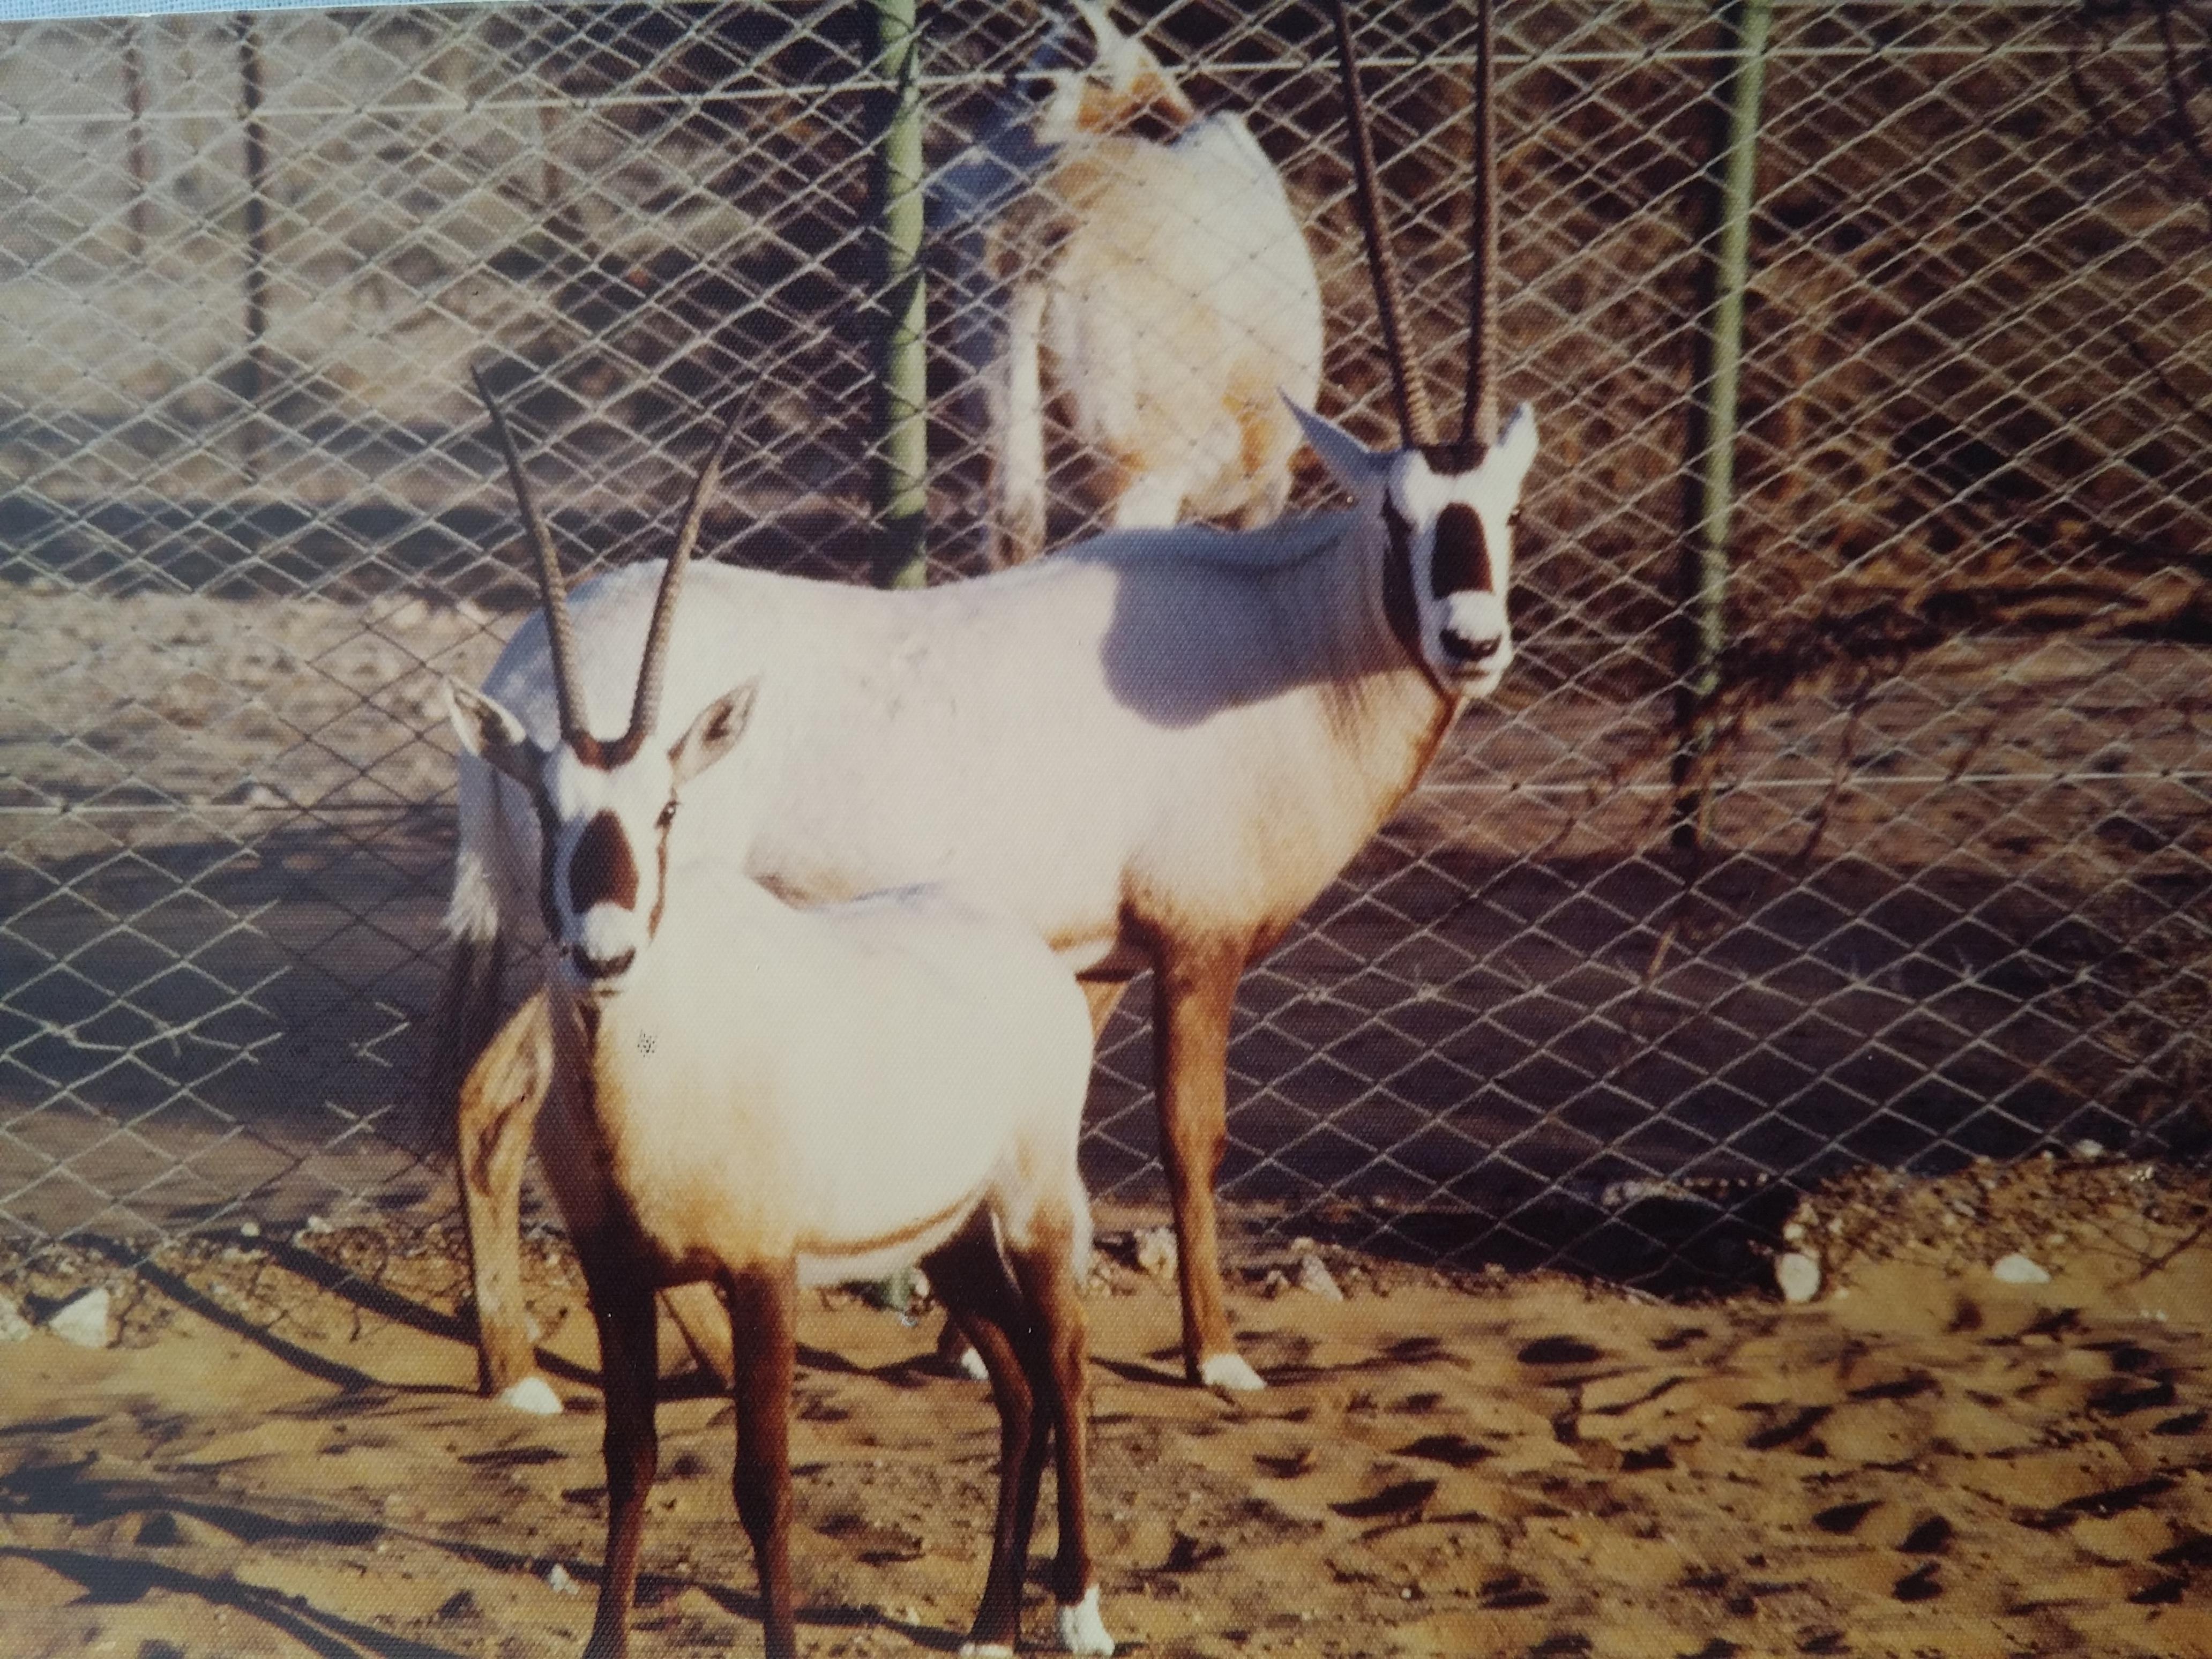 Oryx breeding program Abu Dabi